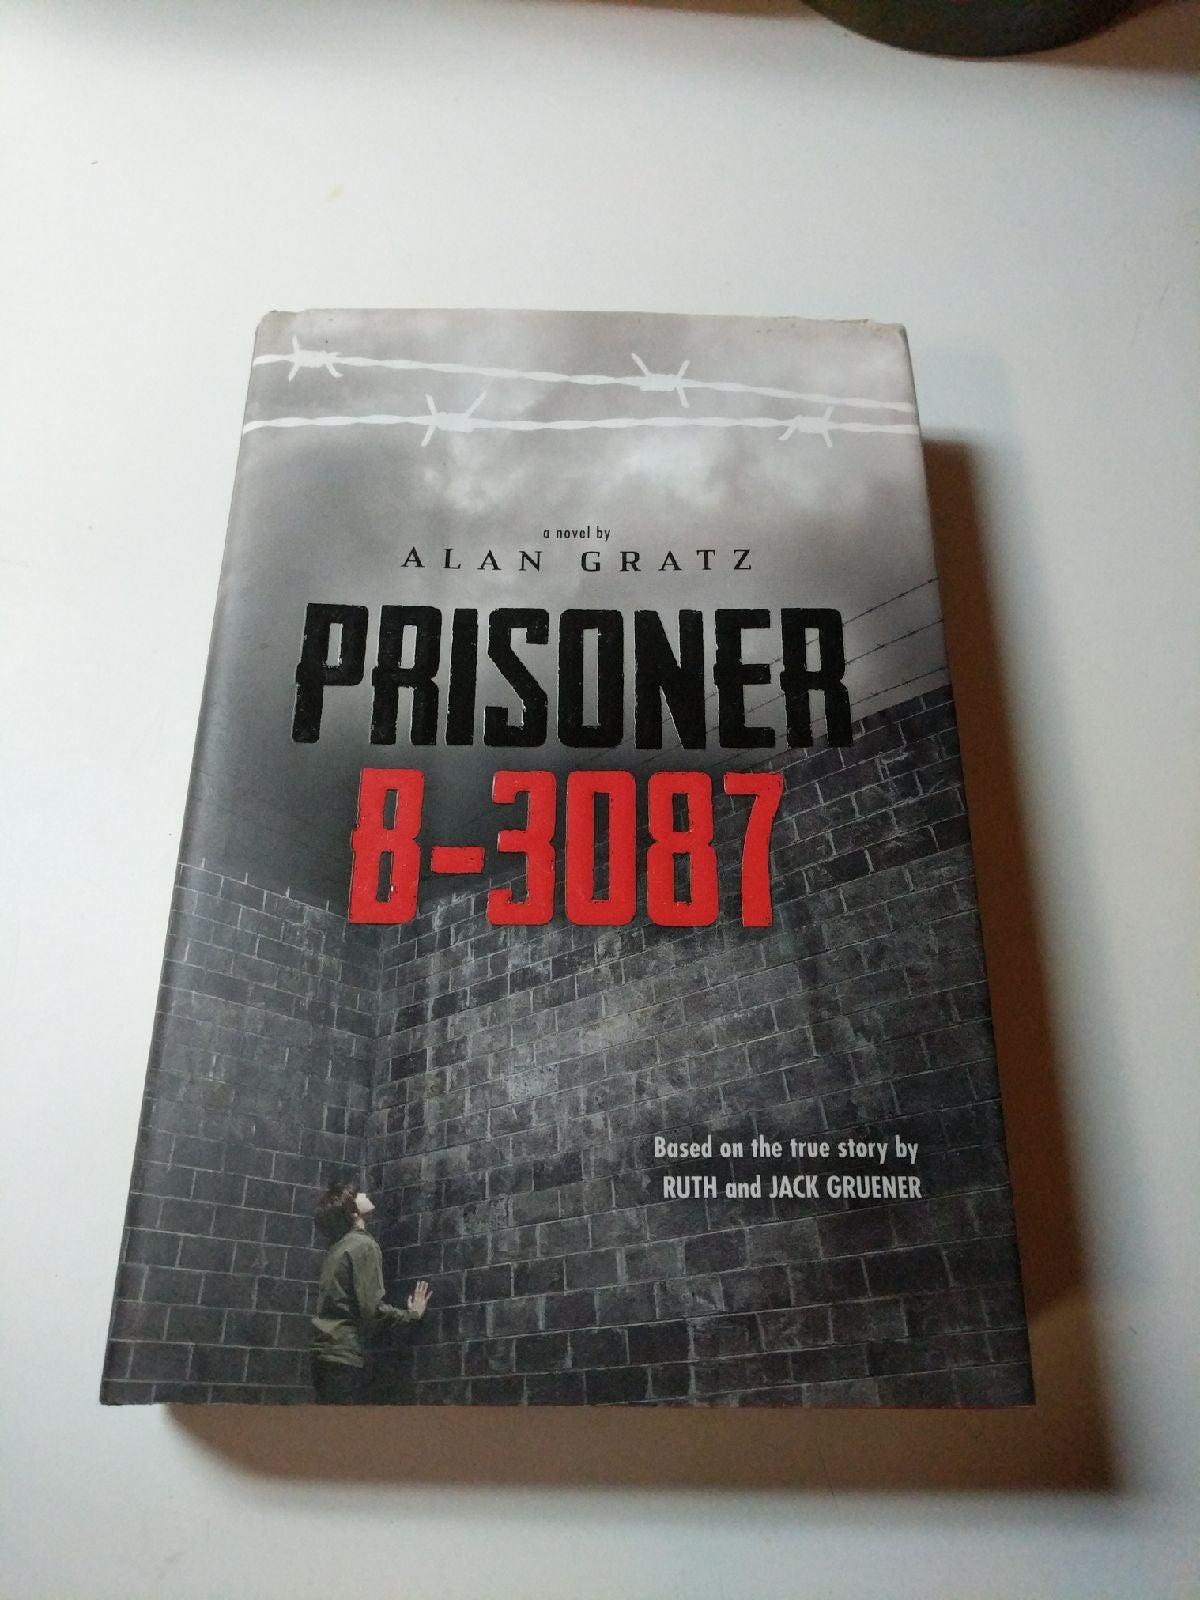 Prisoner B-3087 A Novel